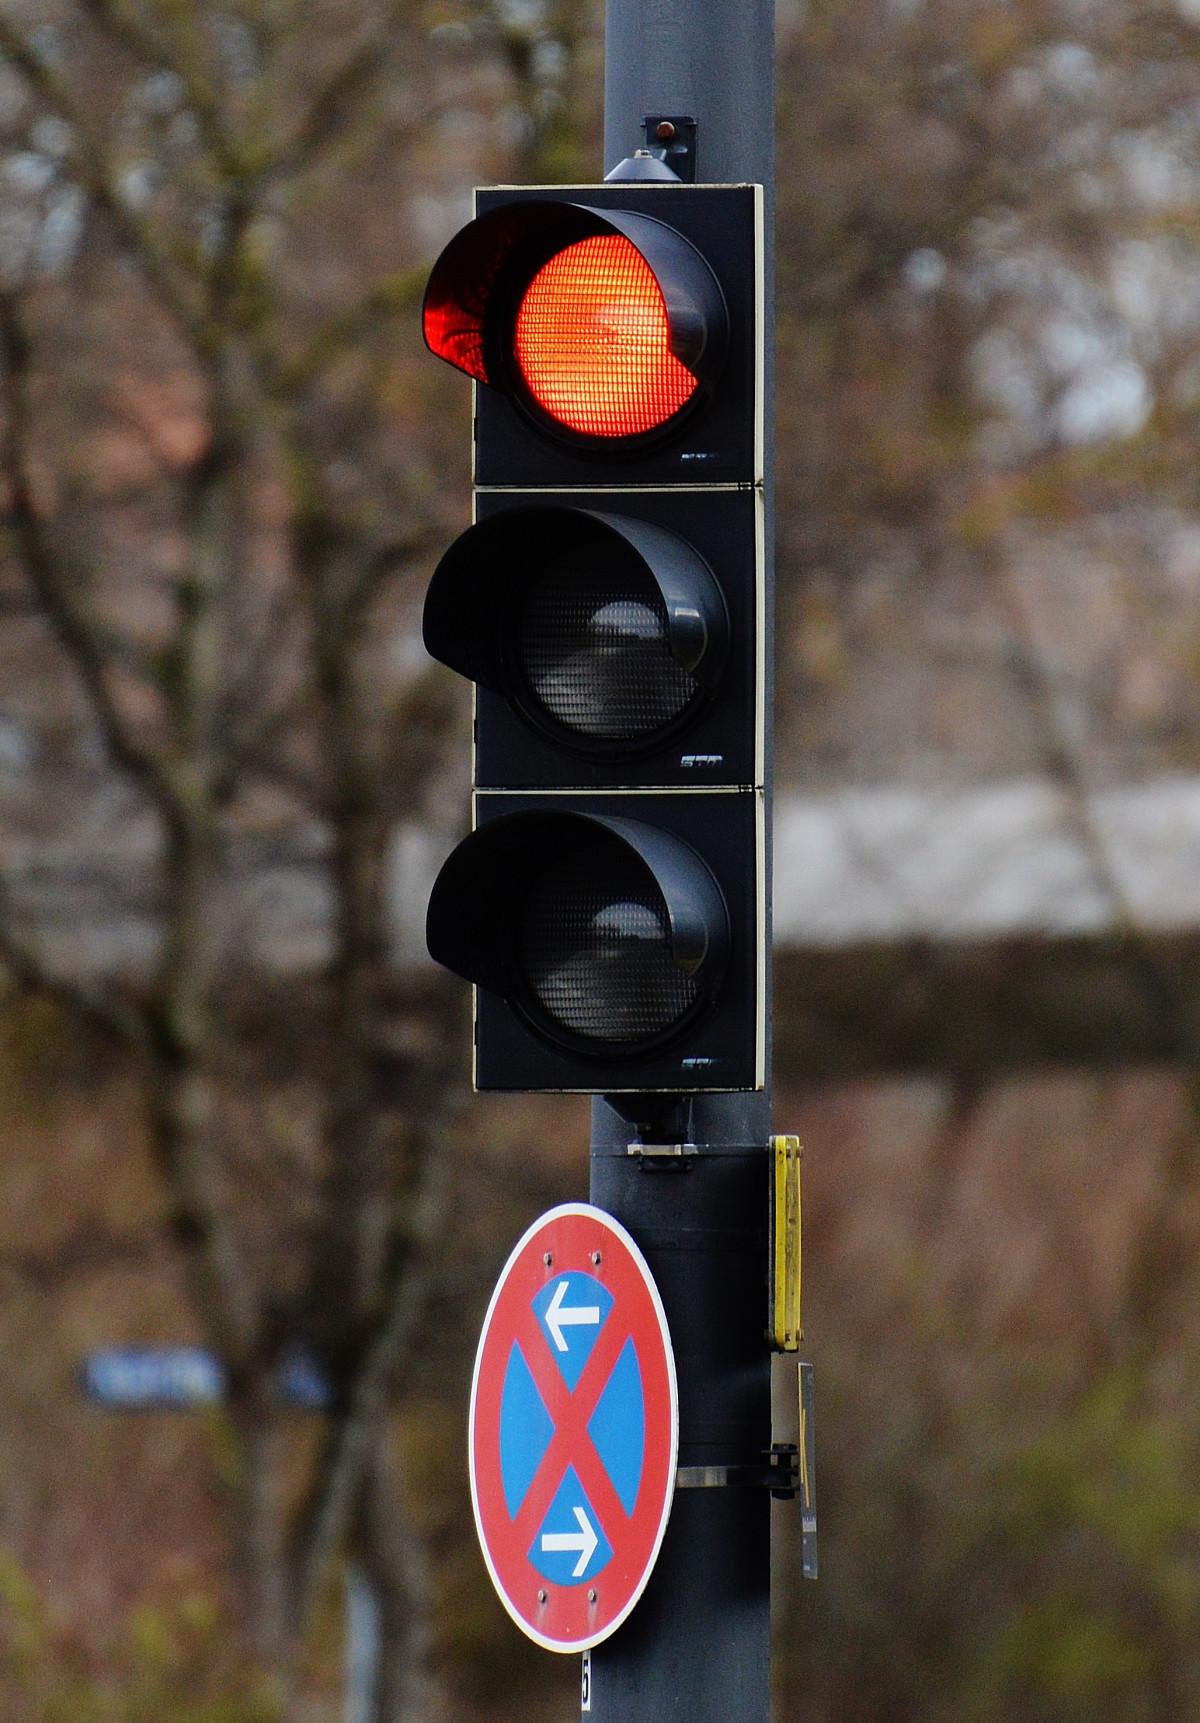 光, 道路, 符号, 赤, ビーコン, 街路灯